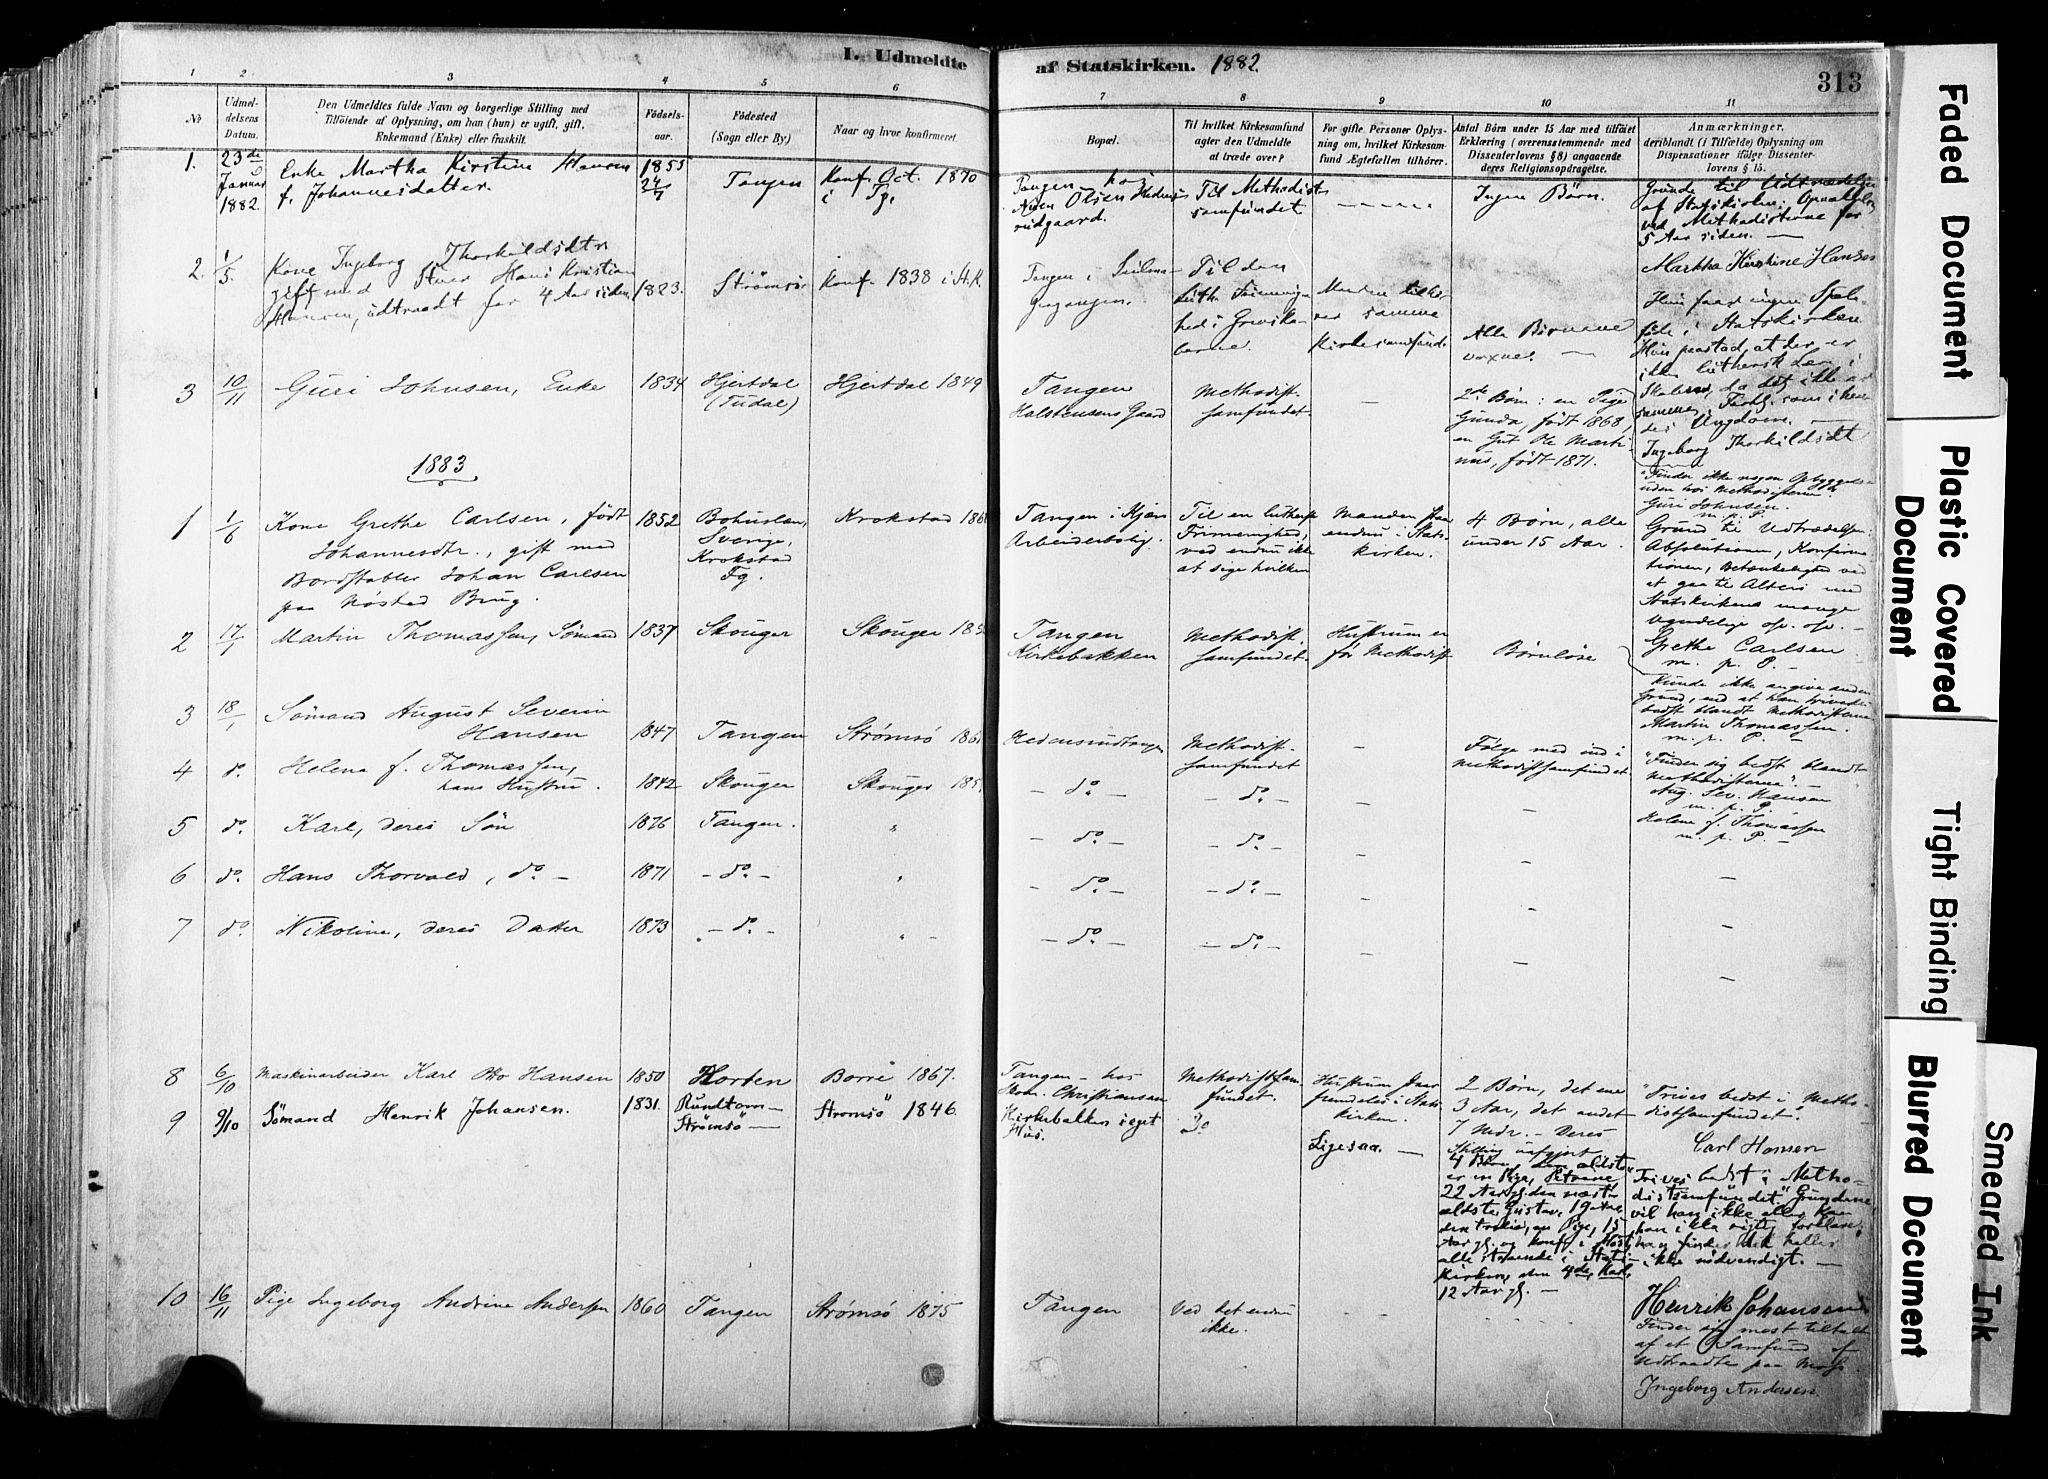 SAKO, Strømsø kirkebøker, F/Fb/L0006: Ministerialbok nr. II 6, 1879-1910, s. 313